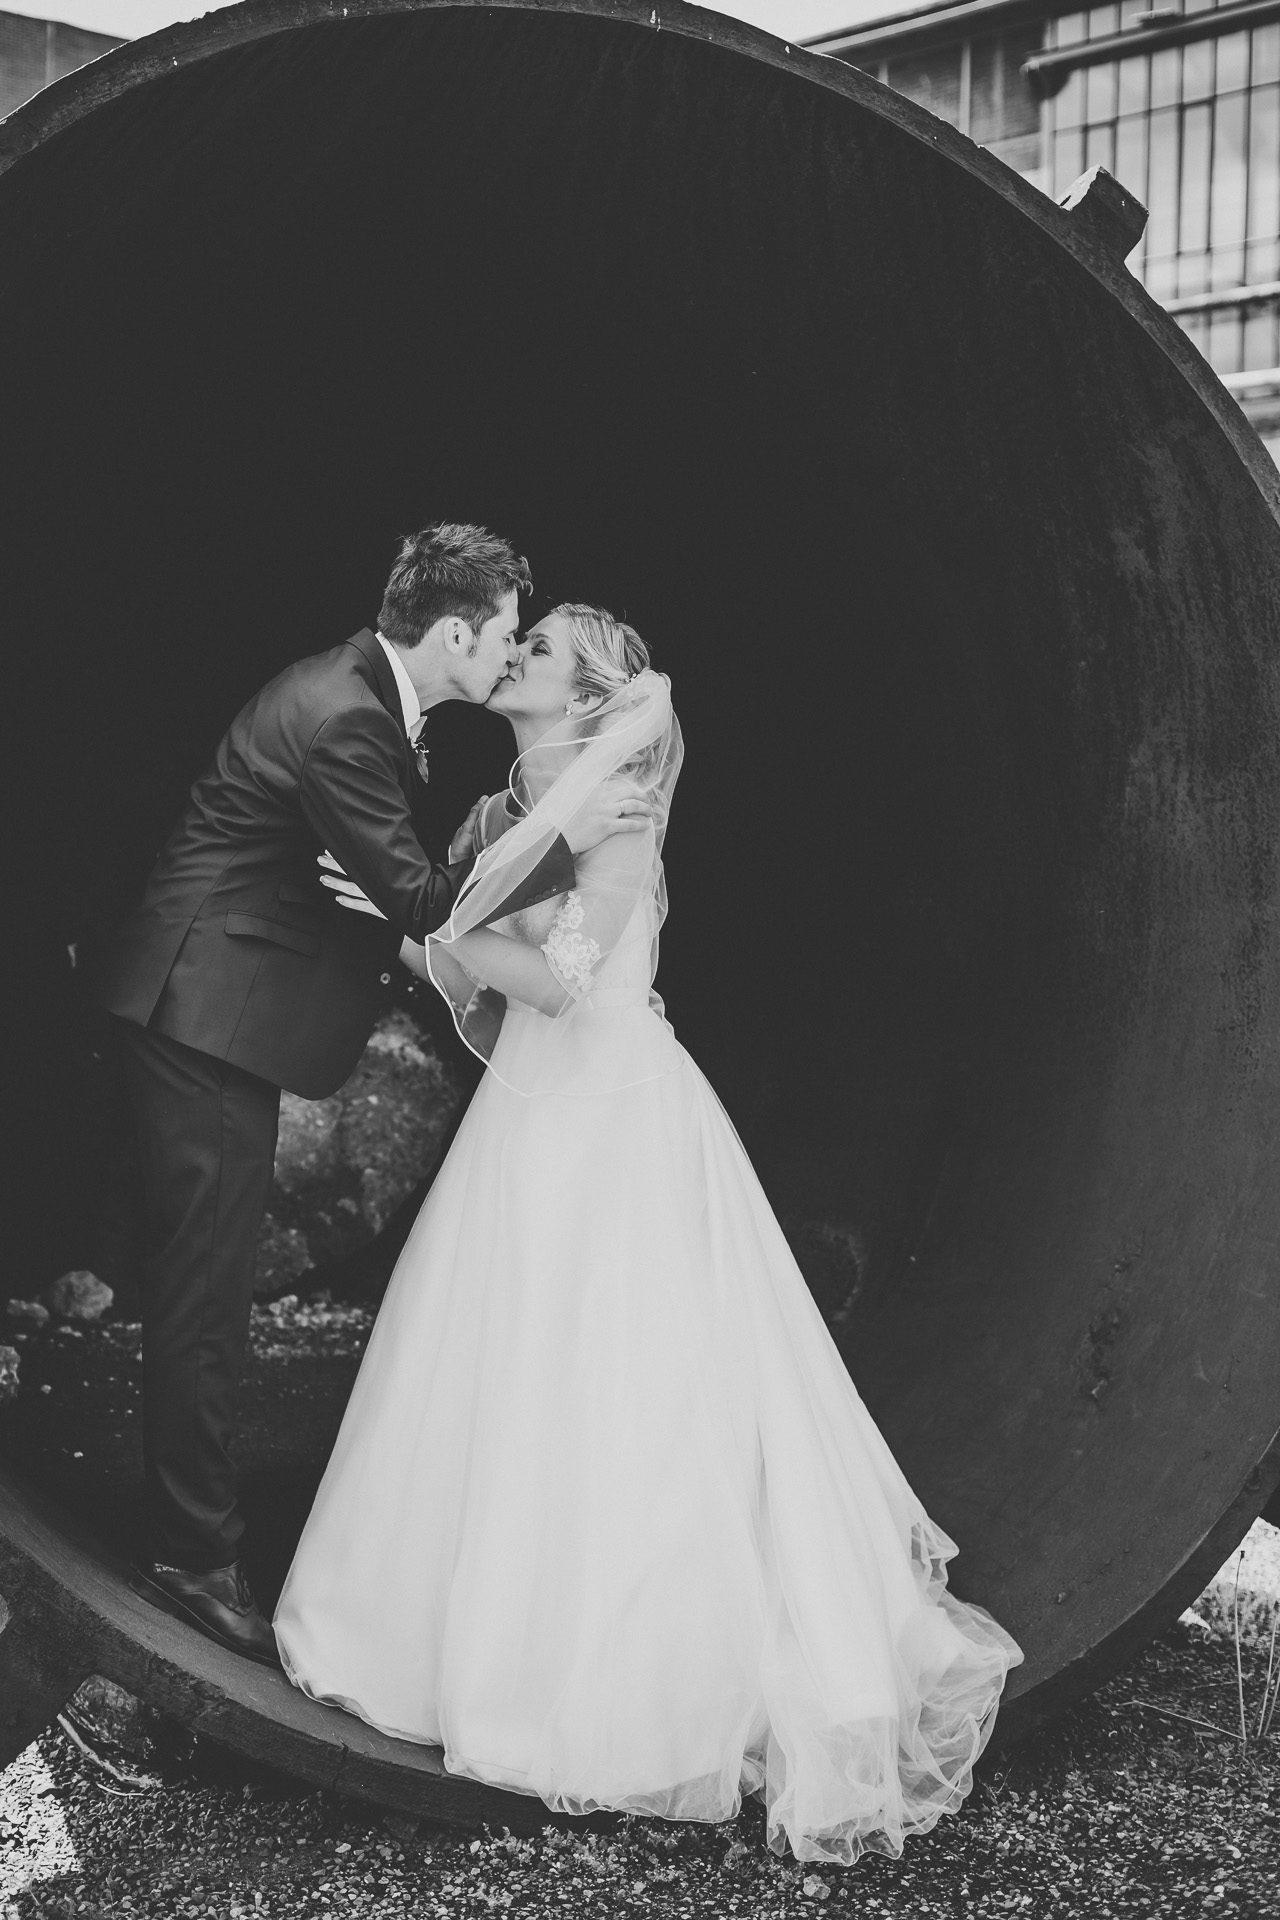 Brautpaarshooting vor historischer Industriekulisse auf dem Gelände der Henrichshütte in Hattingen